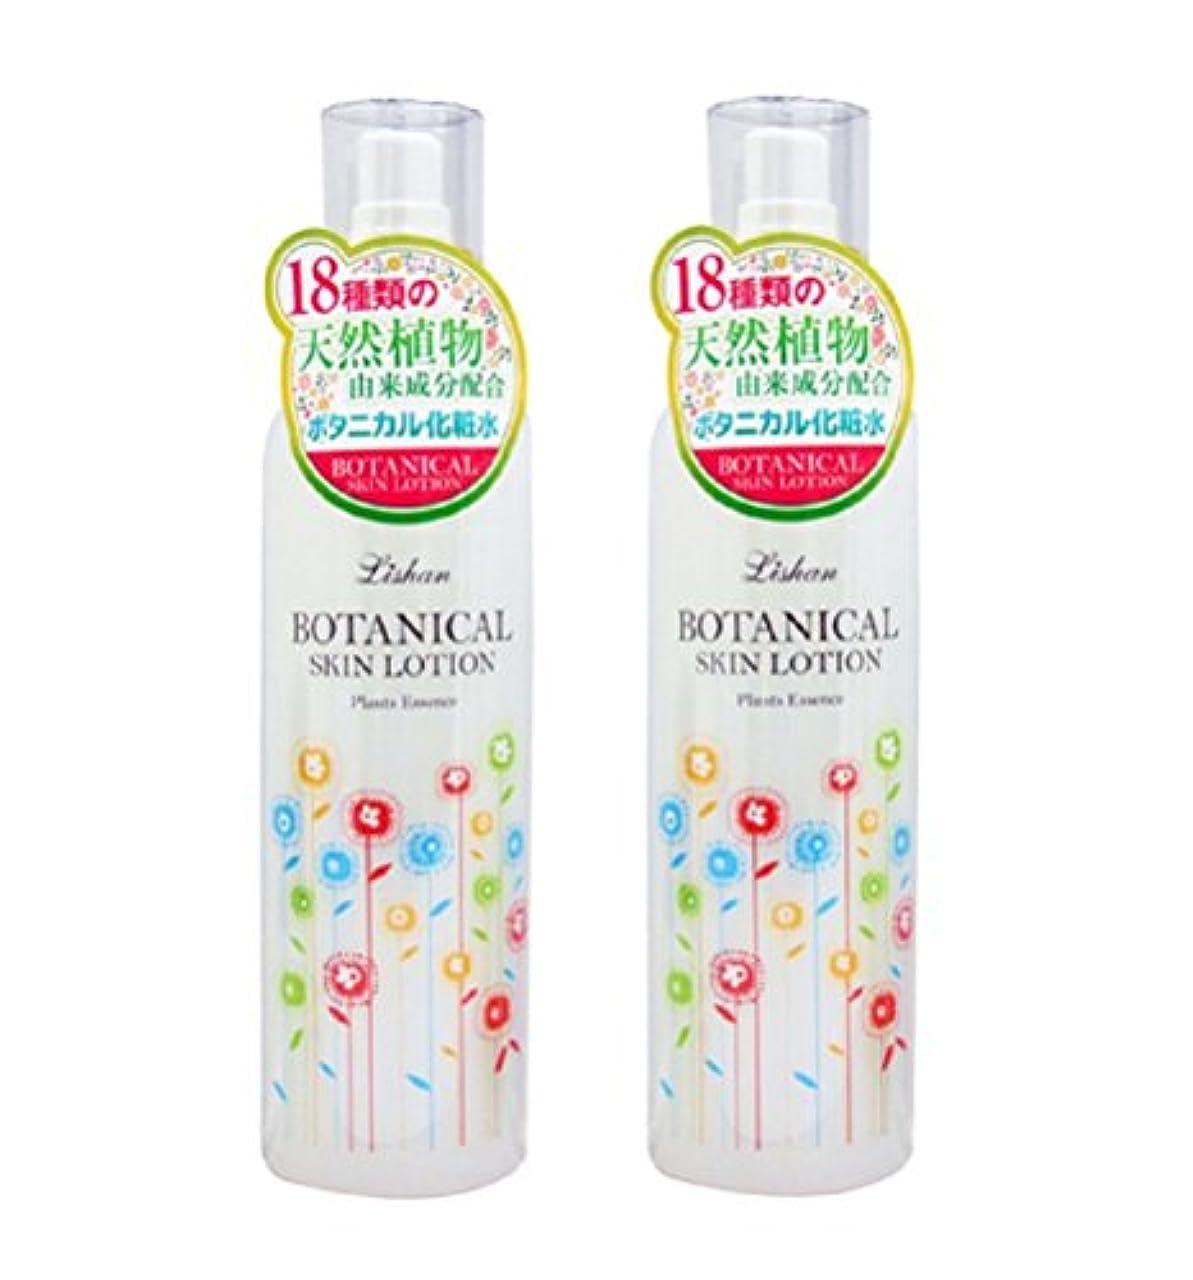 悲劇的なセールサラダリシャン ボタニカル化粧水 フローラルの香り 260ml×2本セット